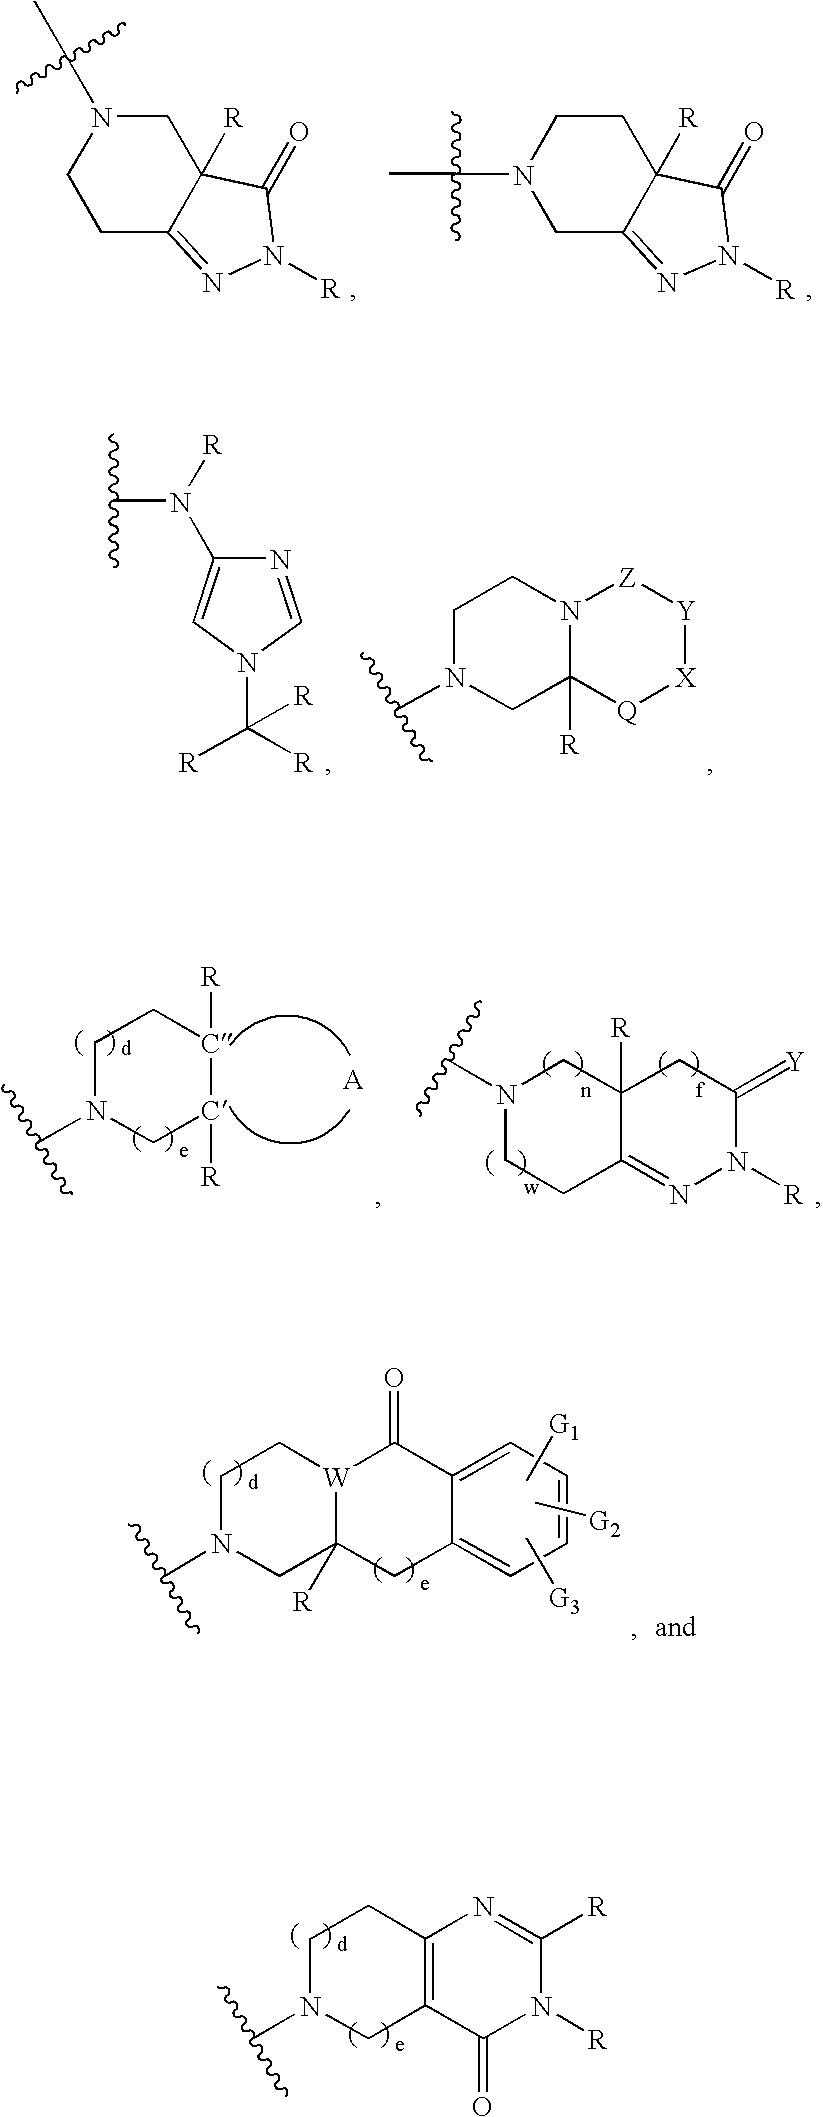 Figure US20040229882A1-20041118-C00011